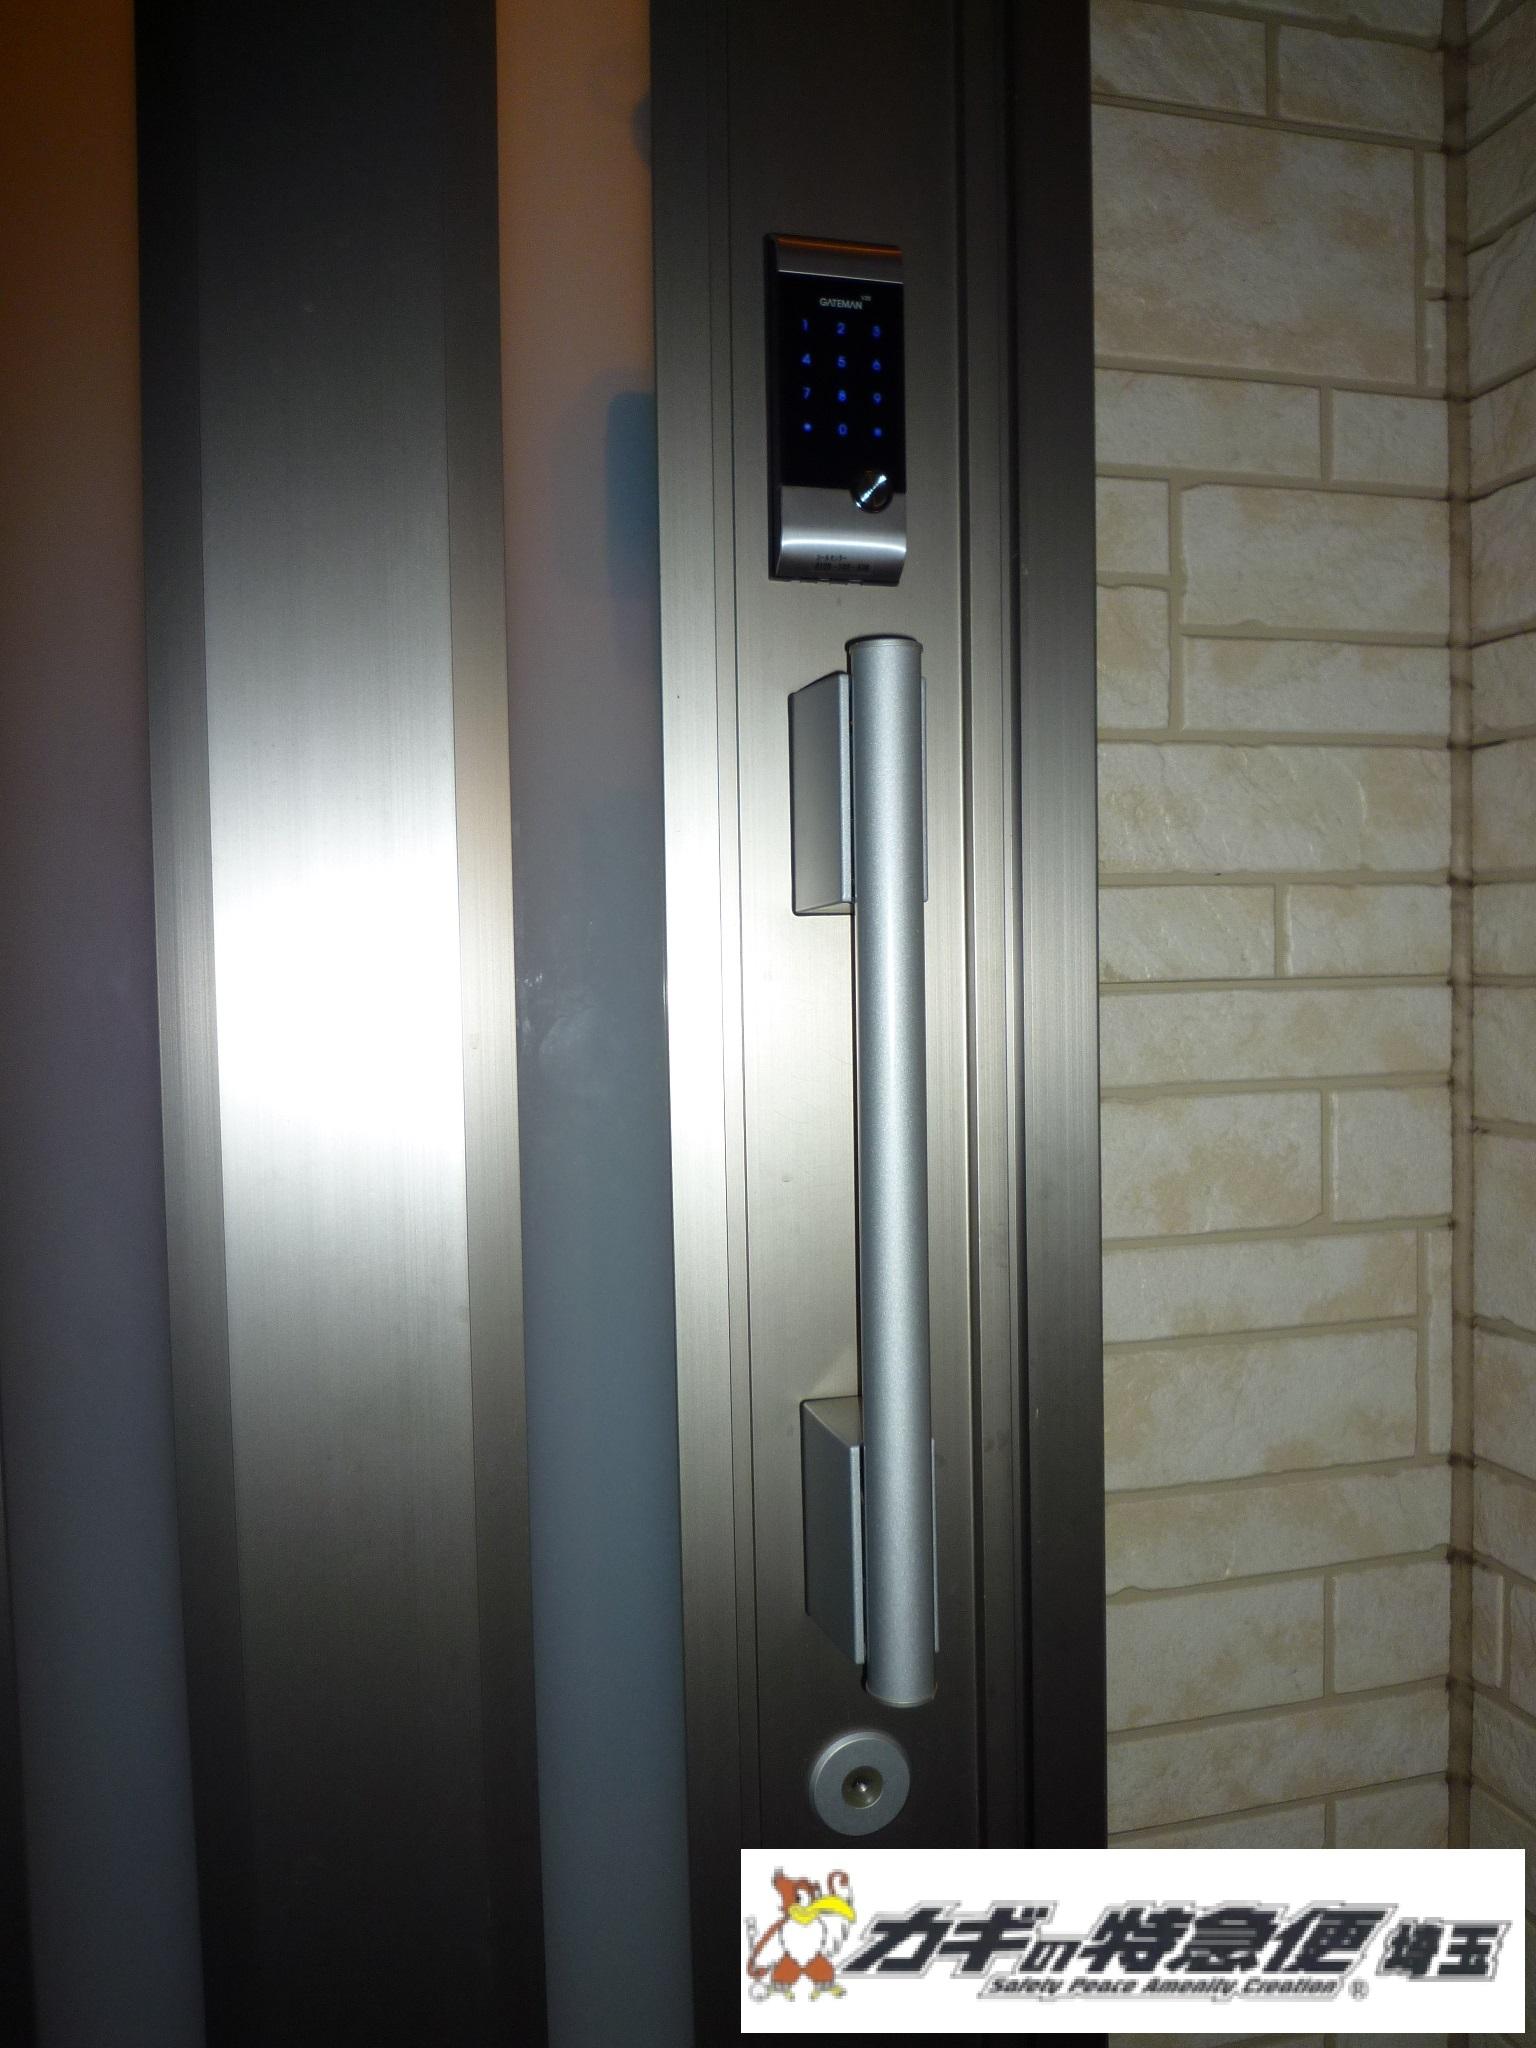 電子ロック(鍵の紛失や盗難を防ぐには!埼玉県所沢市で電子錠(電子ロック)の取付け gateman V20)